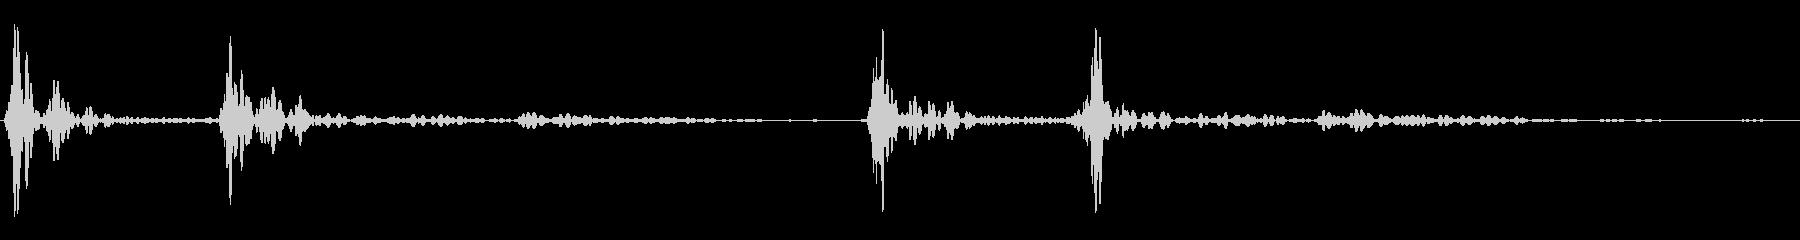 ドックンドックン(心臓音)01の未再生の波形